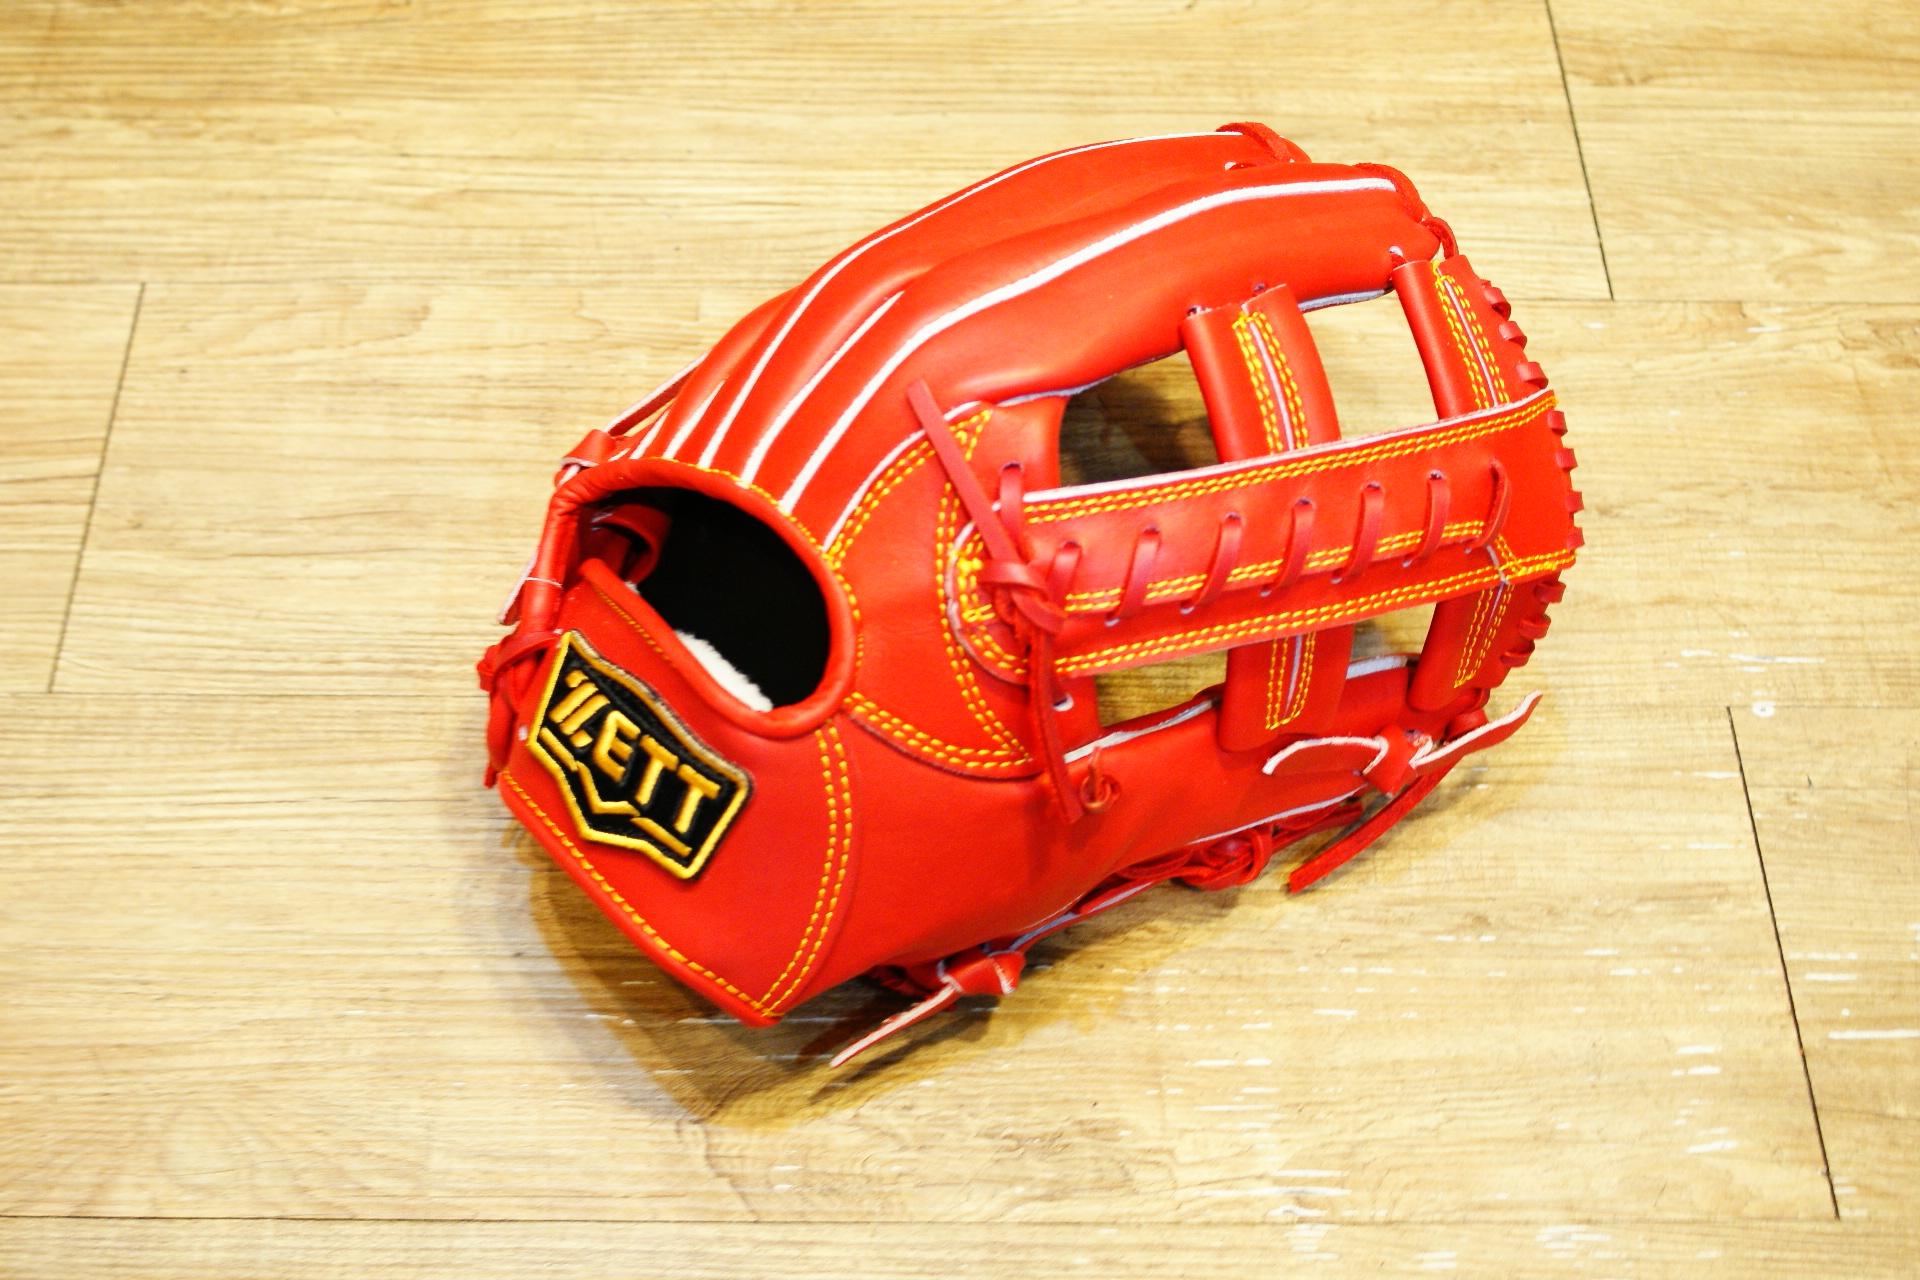 棒球世界 全新 ZETT本壘版新標訂製硬式牛皮內野手套 特價 12吋 限量日本最新球檔 紅色